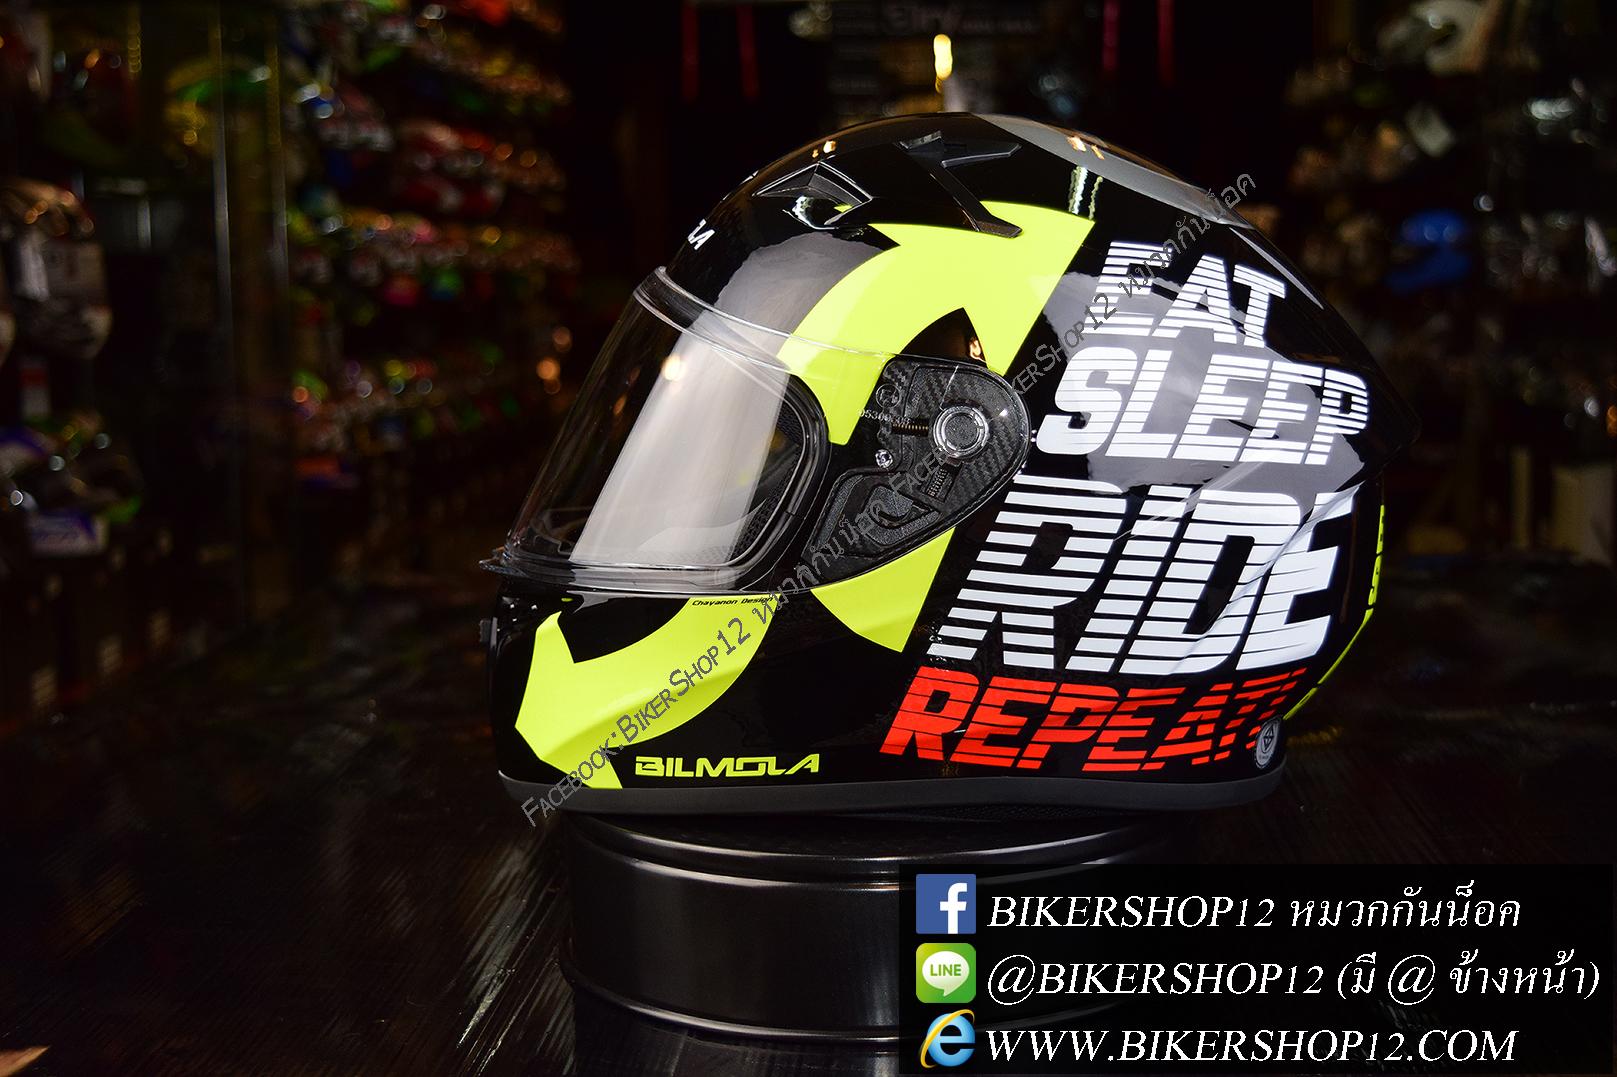 หมวกกันน็อคBilmola Veloce สี Eat Sleep Ride Black